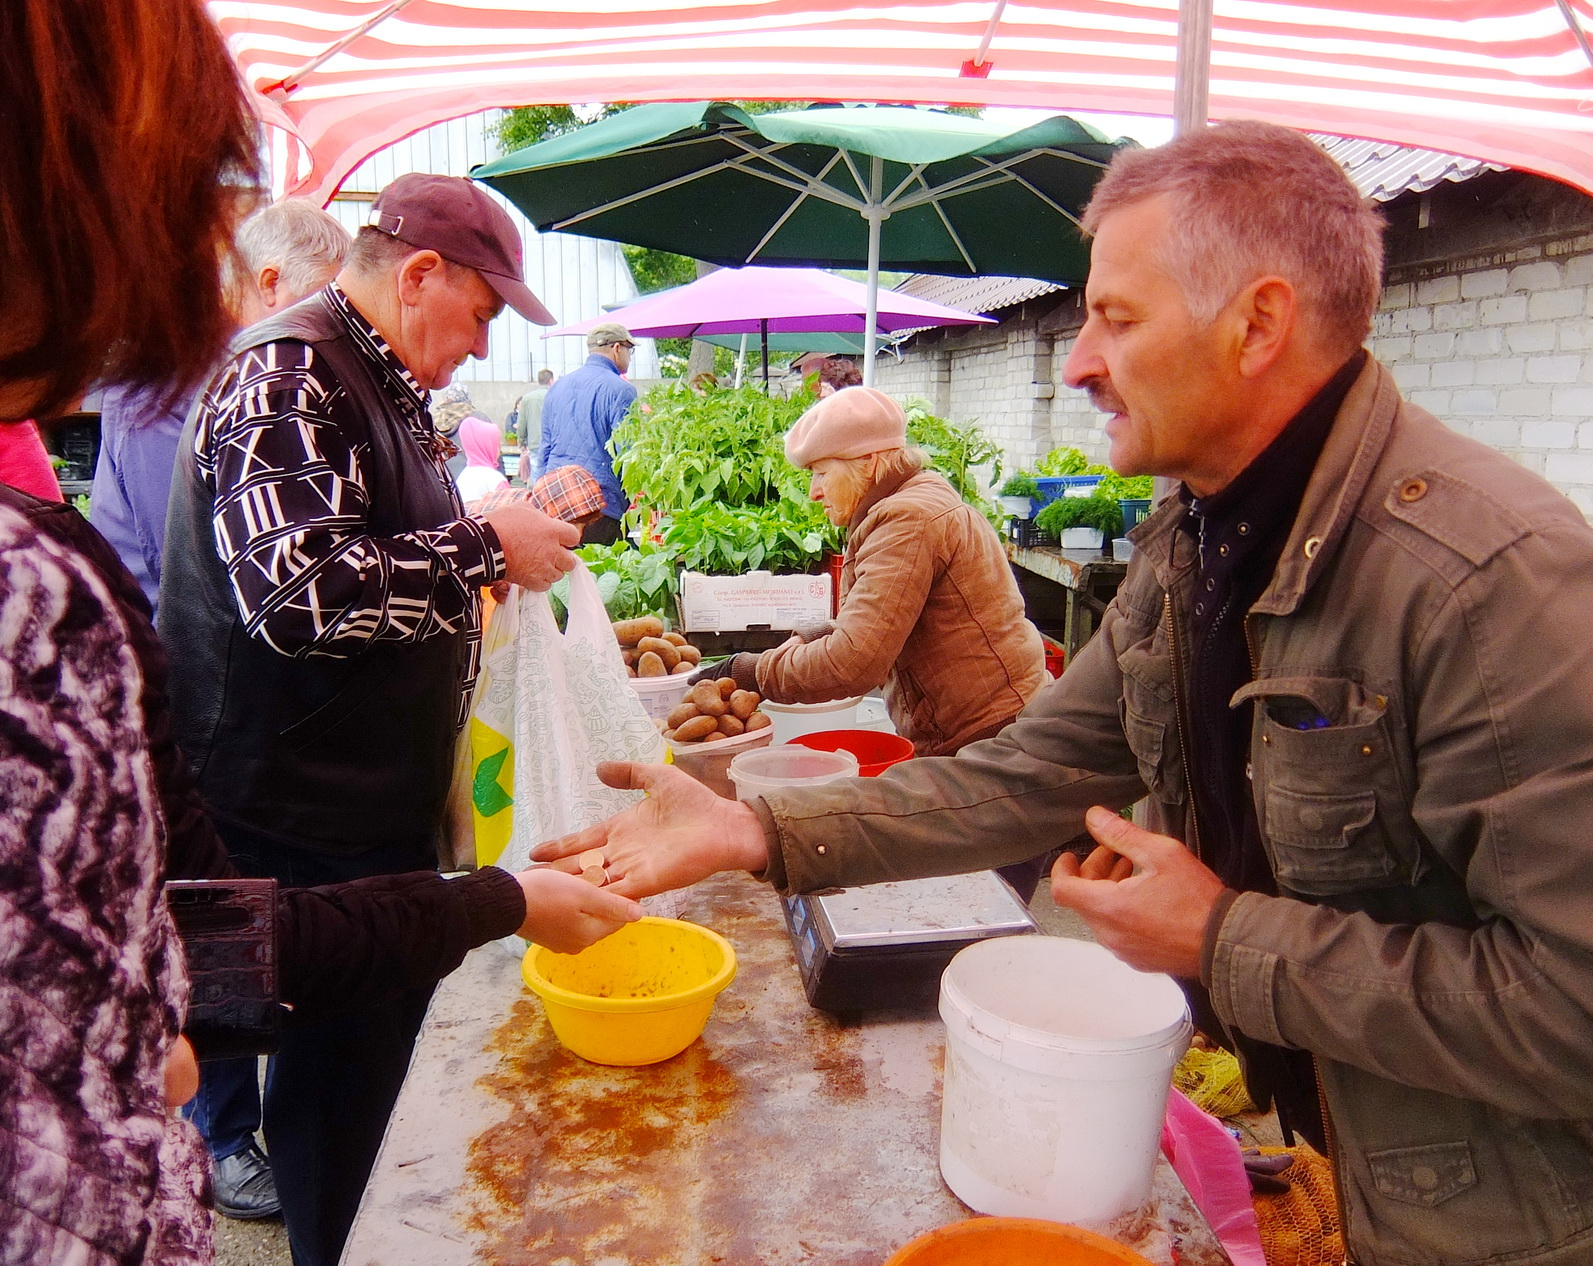 Artūras Stasiulis (dešinėje) motinai padeda ne tik prekiauti turguje, bet ir užauginti bulves ir kitas daržoves.